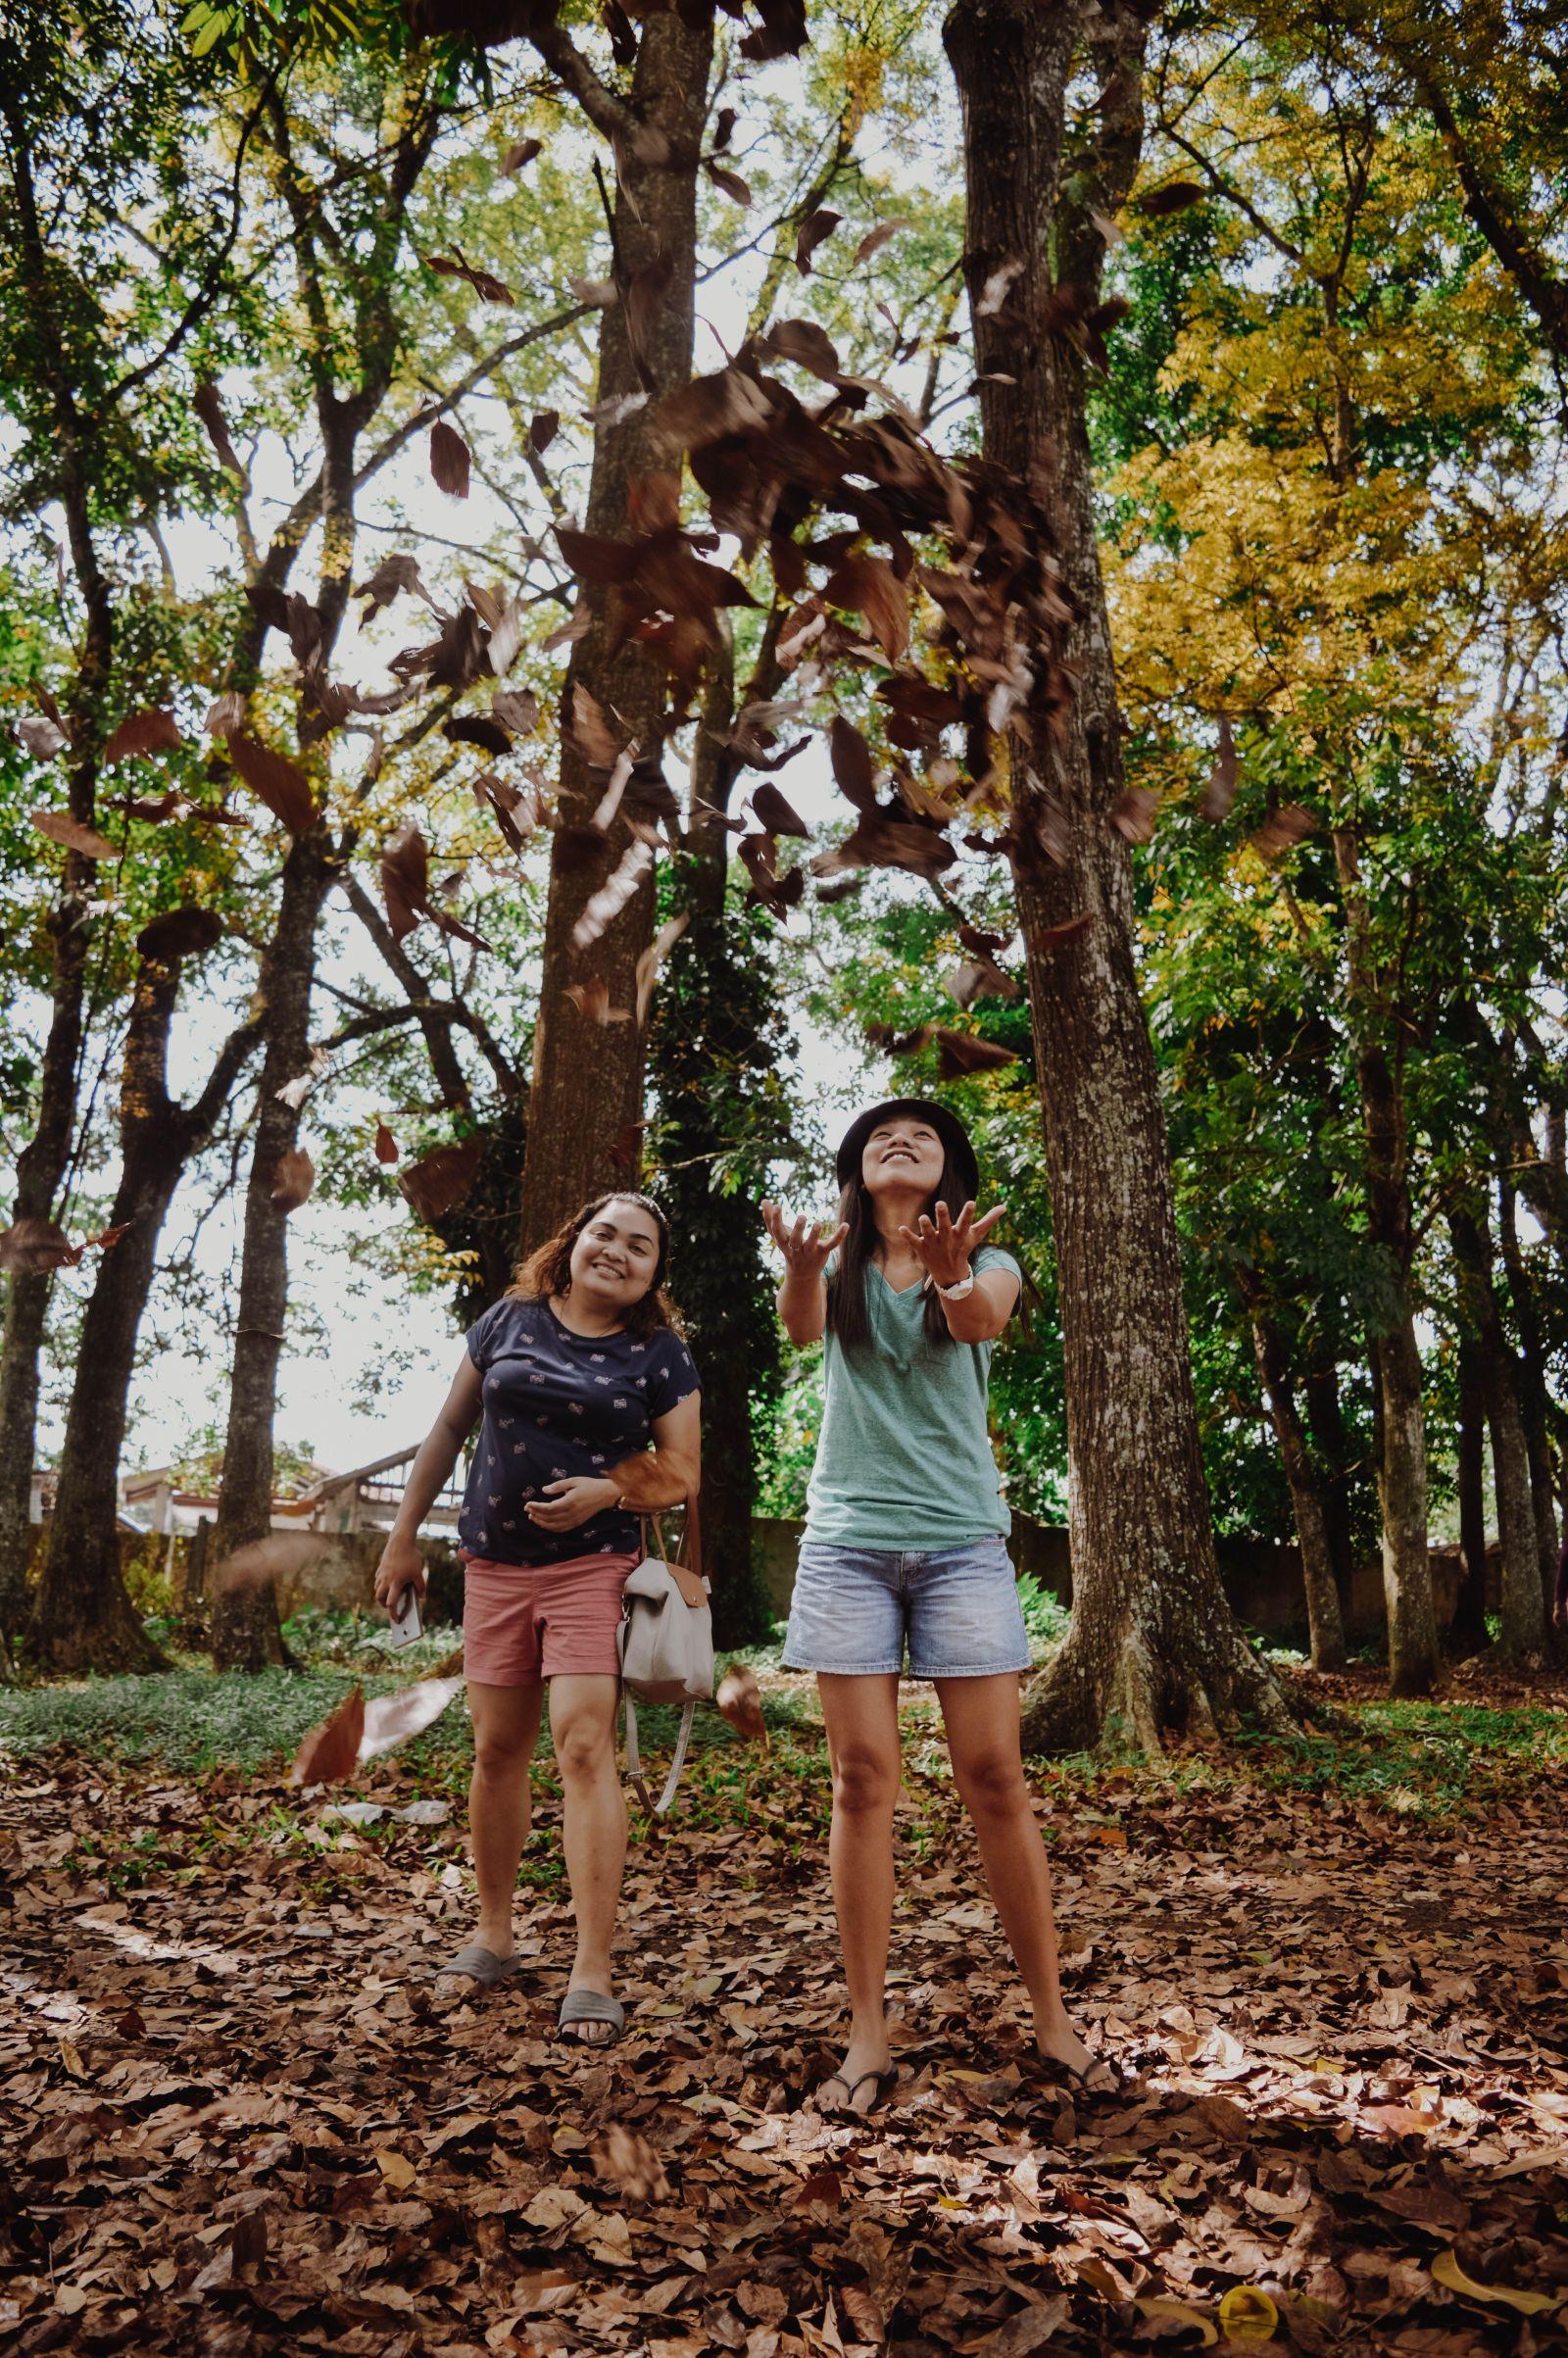 Zwei philippinische Schülerinnen freuen sich in einem Wald. Das Mädchen auf der rechten Seite wirft Laub in die Luft.